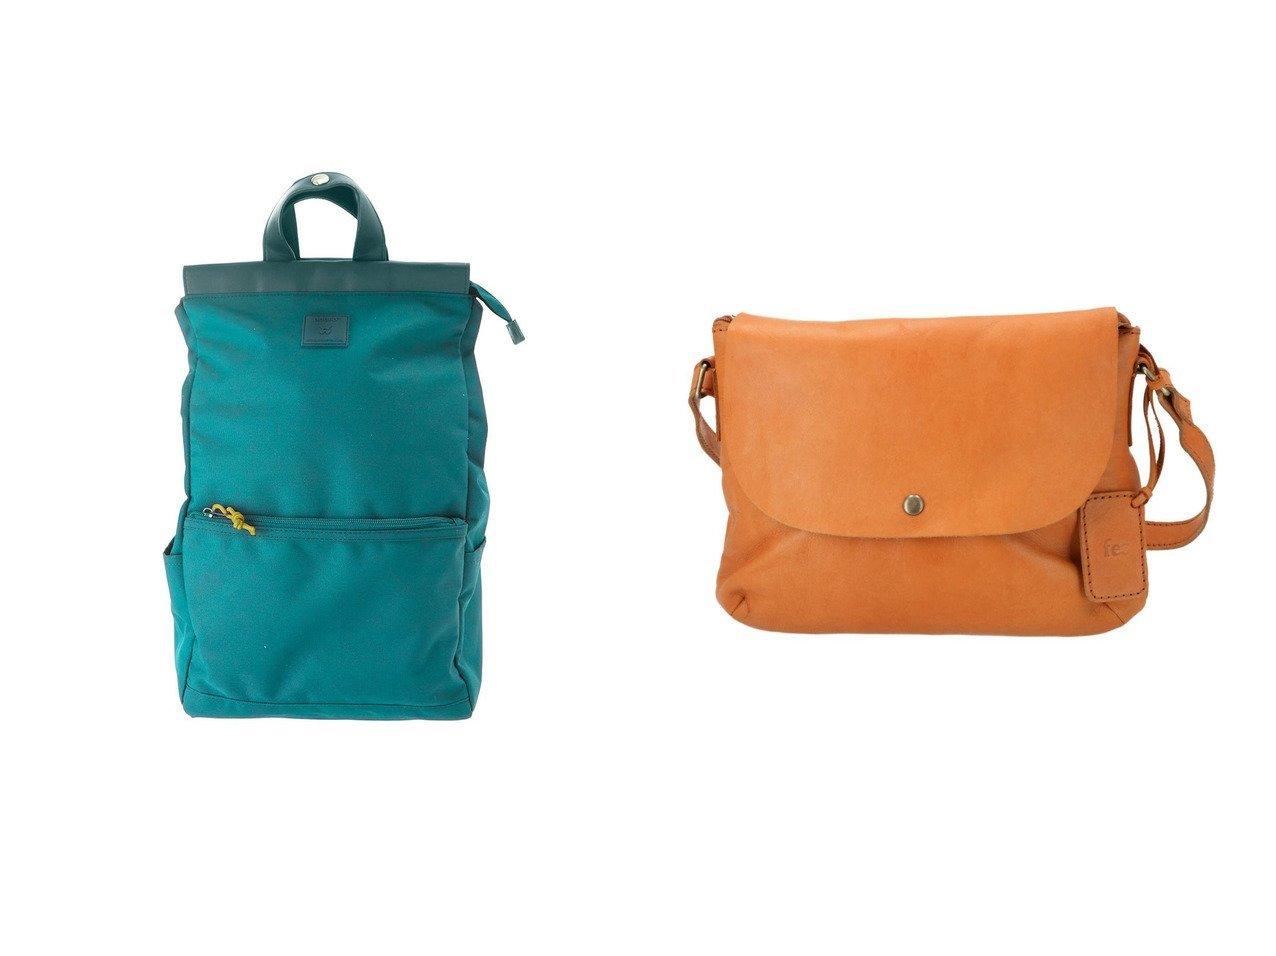 【anello/アネロ】のanello アネロ BLOCK トート型リュック AT-C2821&【fes/フェス】のfes フェス 48093 ナチュラルレザー被せショルダーバッグ バッグ・鞄のおすすめ!人気、トレンド・レディースファッションの通販 おすすめで人気の流行・トレンド、ファッションの通販商品 メンズファッション・キッズファッション・インテリア・家具・レディースファッション・服の通販 founy(ファニー) https://founy.com/ ファッション Fashion レディースファッション WOMEN バッグ Bag カメラ 軽量 ショルダー シンプル フェイクレザー ポケット メンズ リュック 人気 マグネット |ID:crp329100000015010